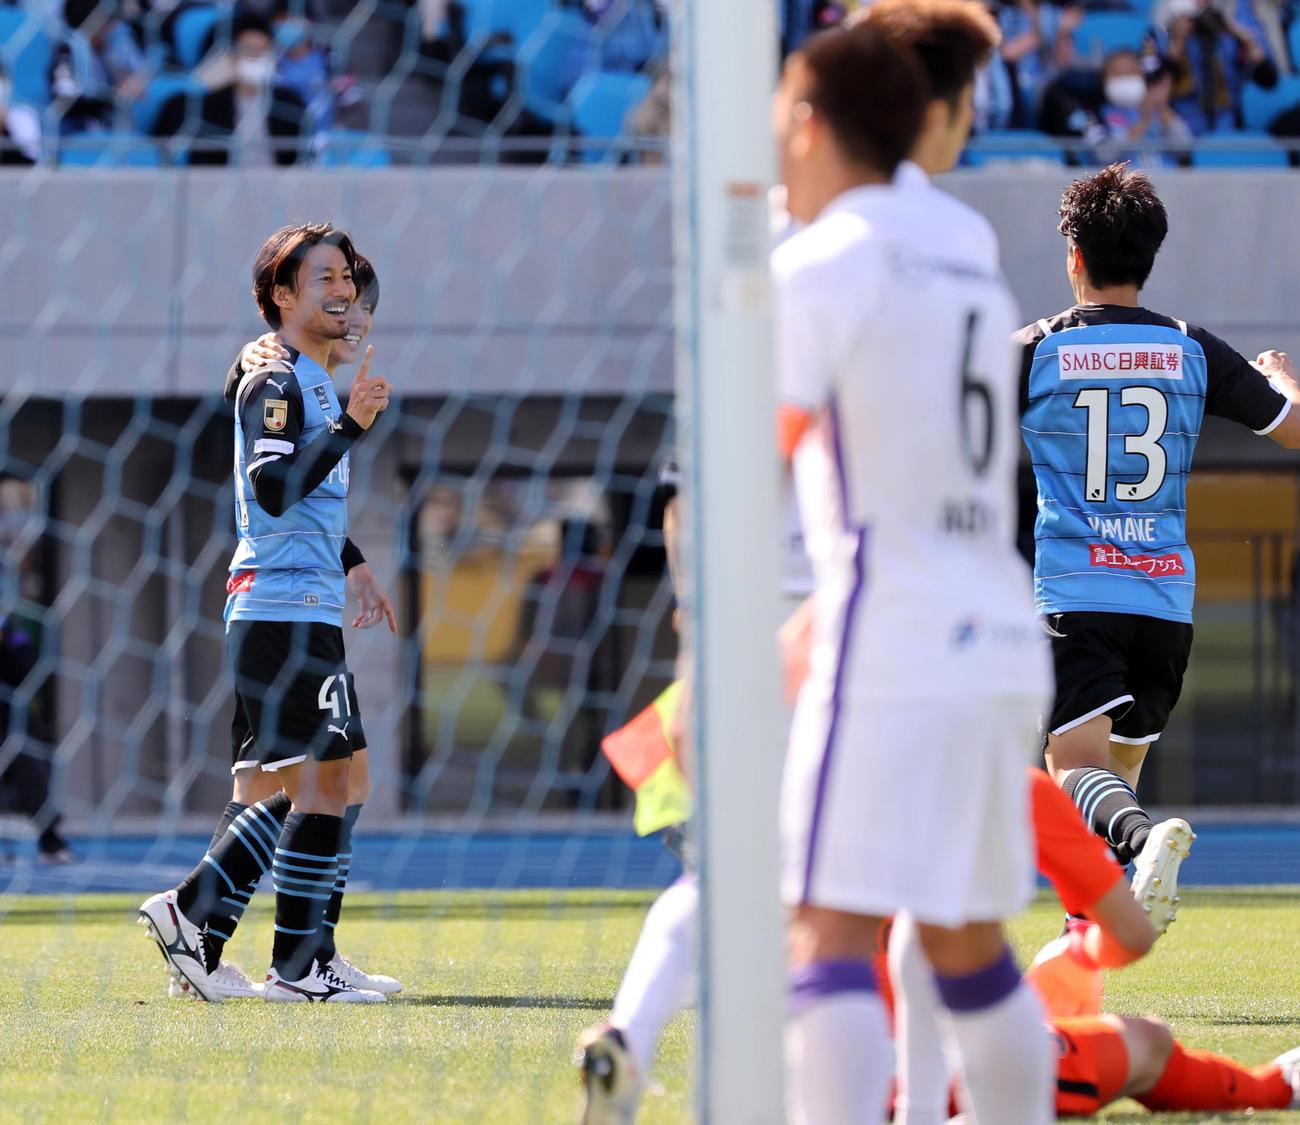 川崎F対広島 前半、左足で先制のゴールを決め笑顔を見せる川崎F家長(左)(撮影・垰建太)